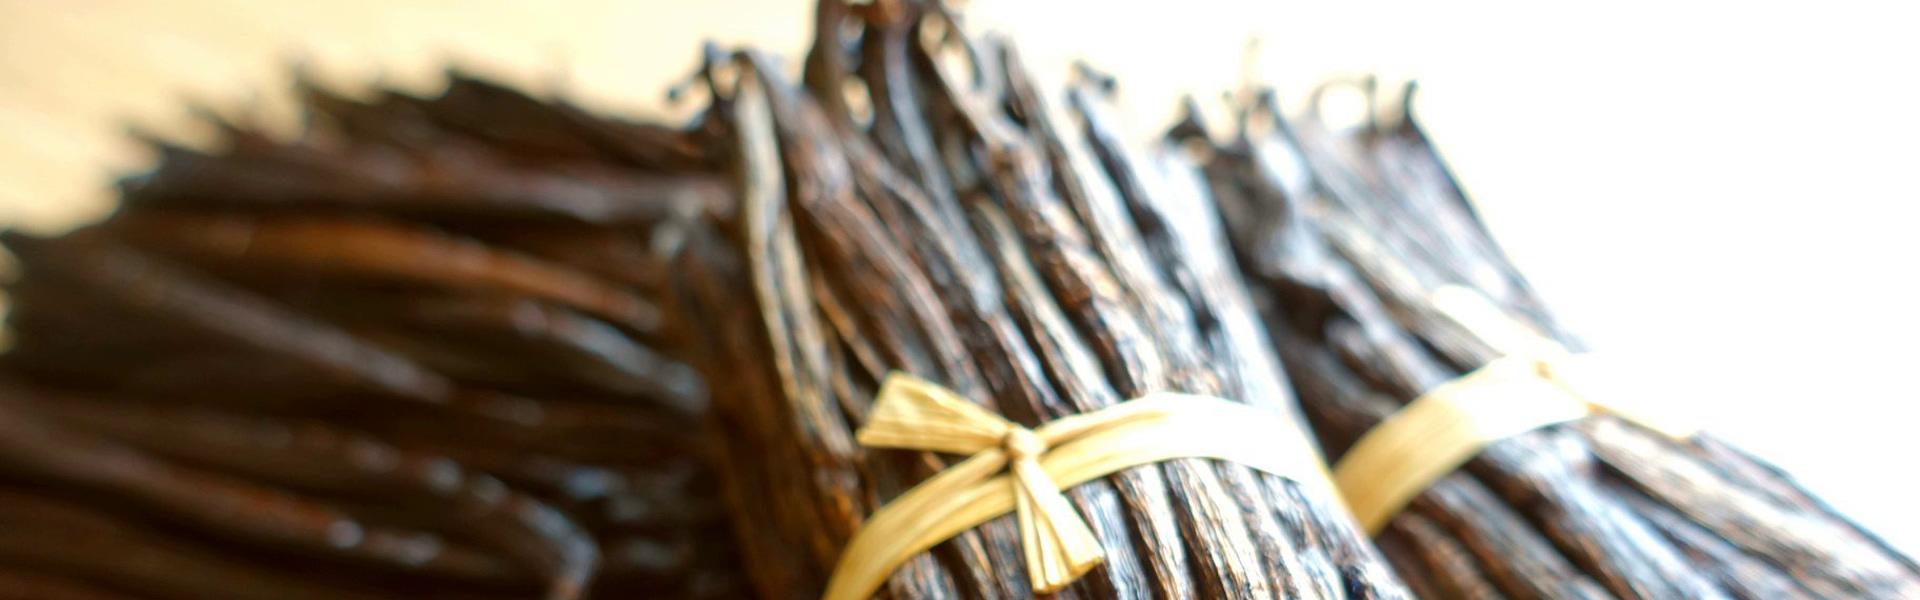 vanille-bourbon-destockage-1530104361.jpg